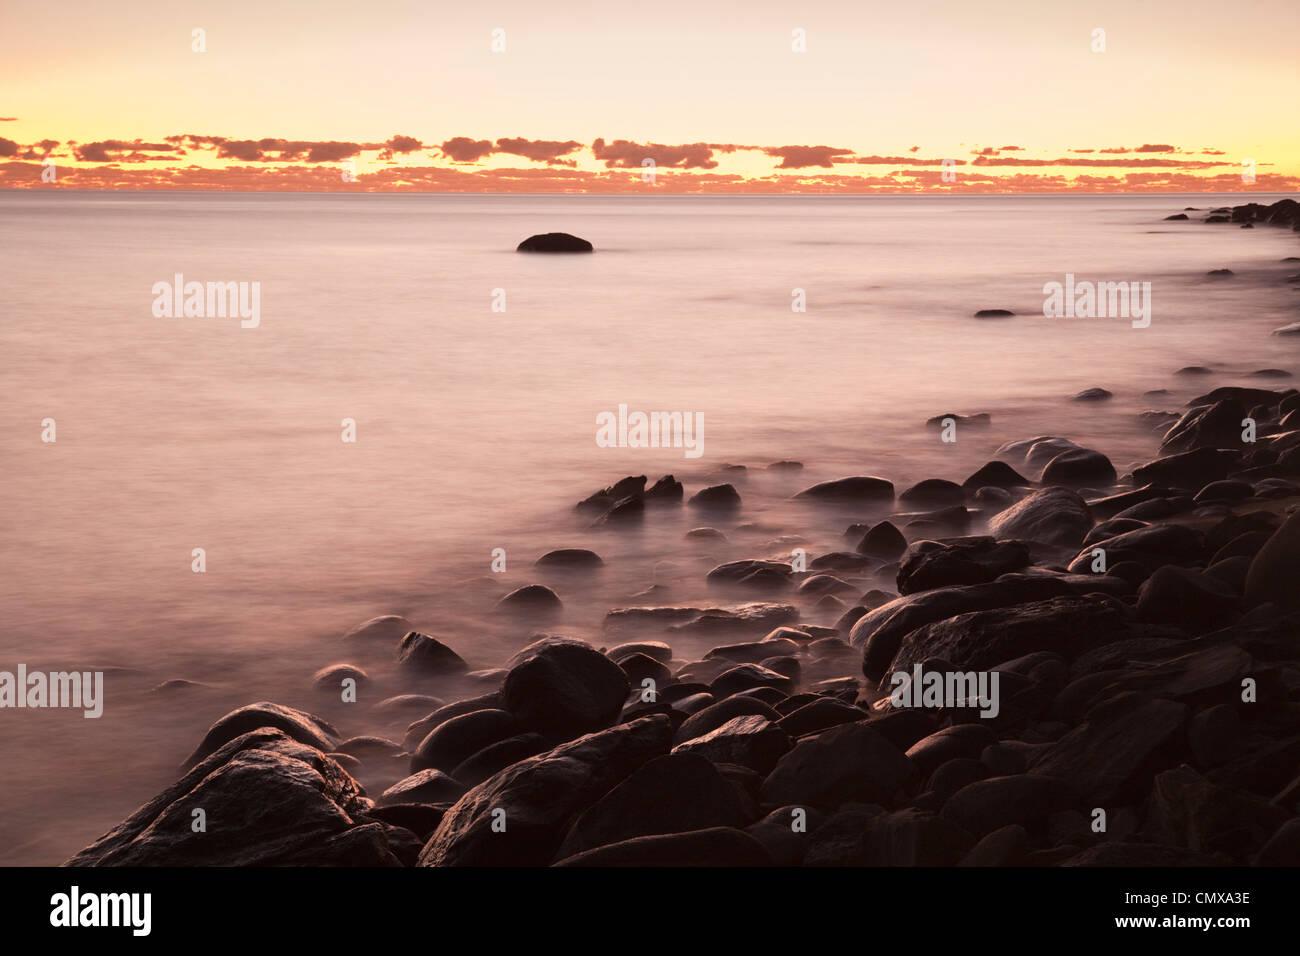 L'aube sur la mer de Corail à une plage de galets, près de Cairns, Queensland, Australie Photo Stock